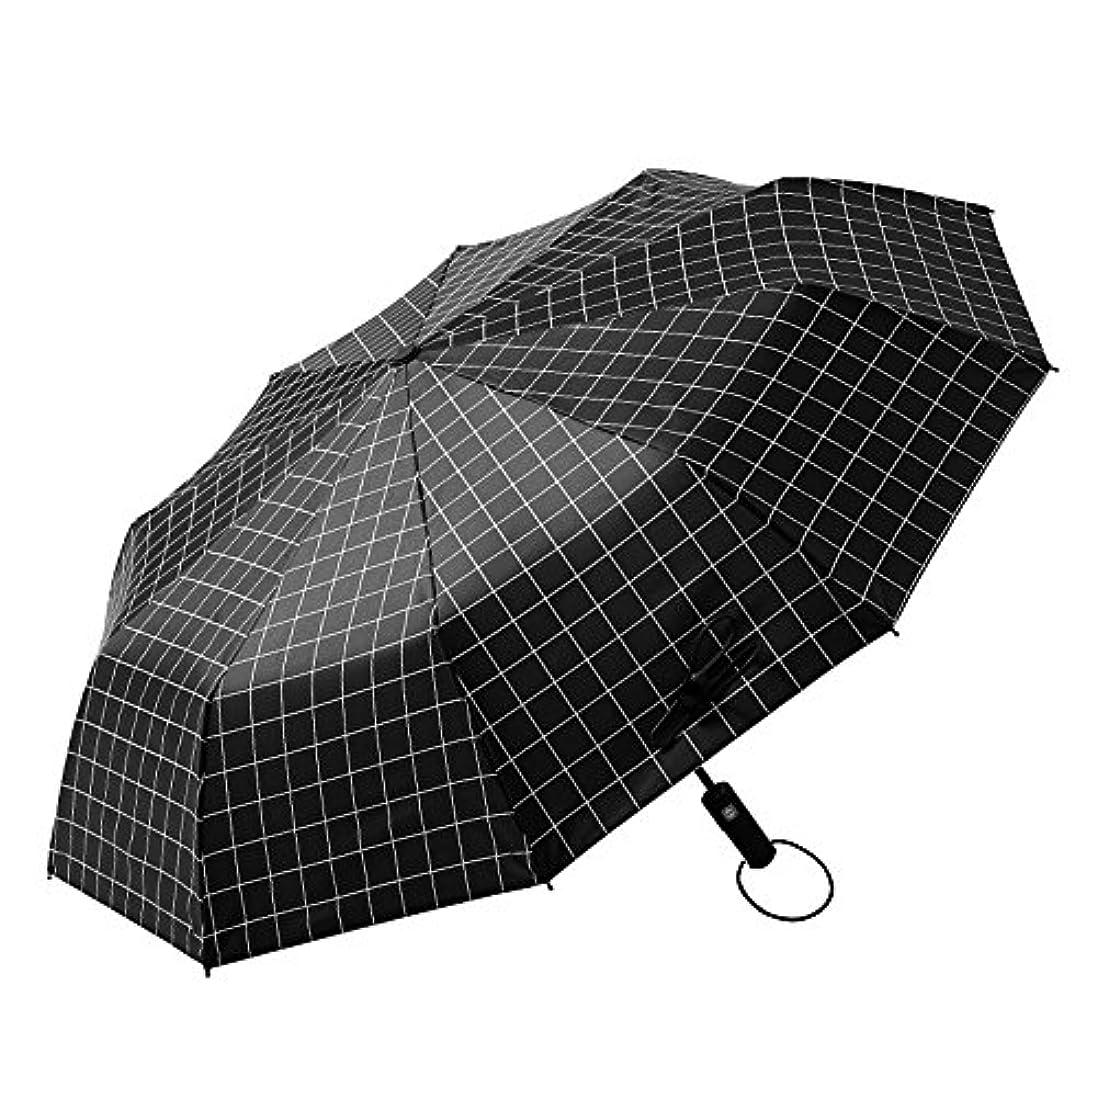 ナインへフェードアウトとしてXRXY 自動Gridded 3つの傘/大規模な二重使用抗UV日傘/実用的な旅行ポータブル傘/パラソル ( 色 : ブラック , サイズ さいず : Automatico )